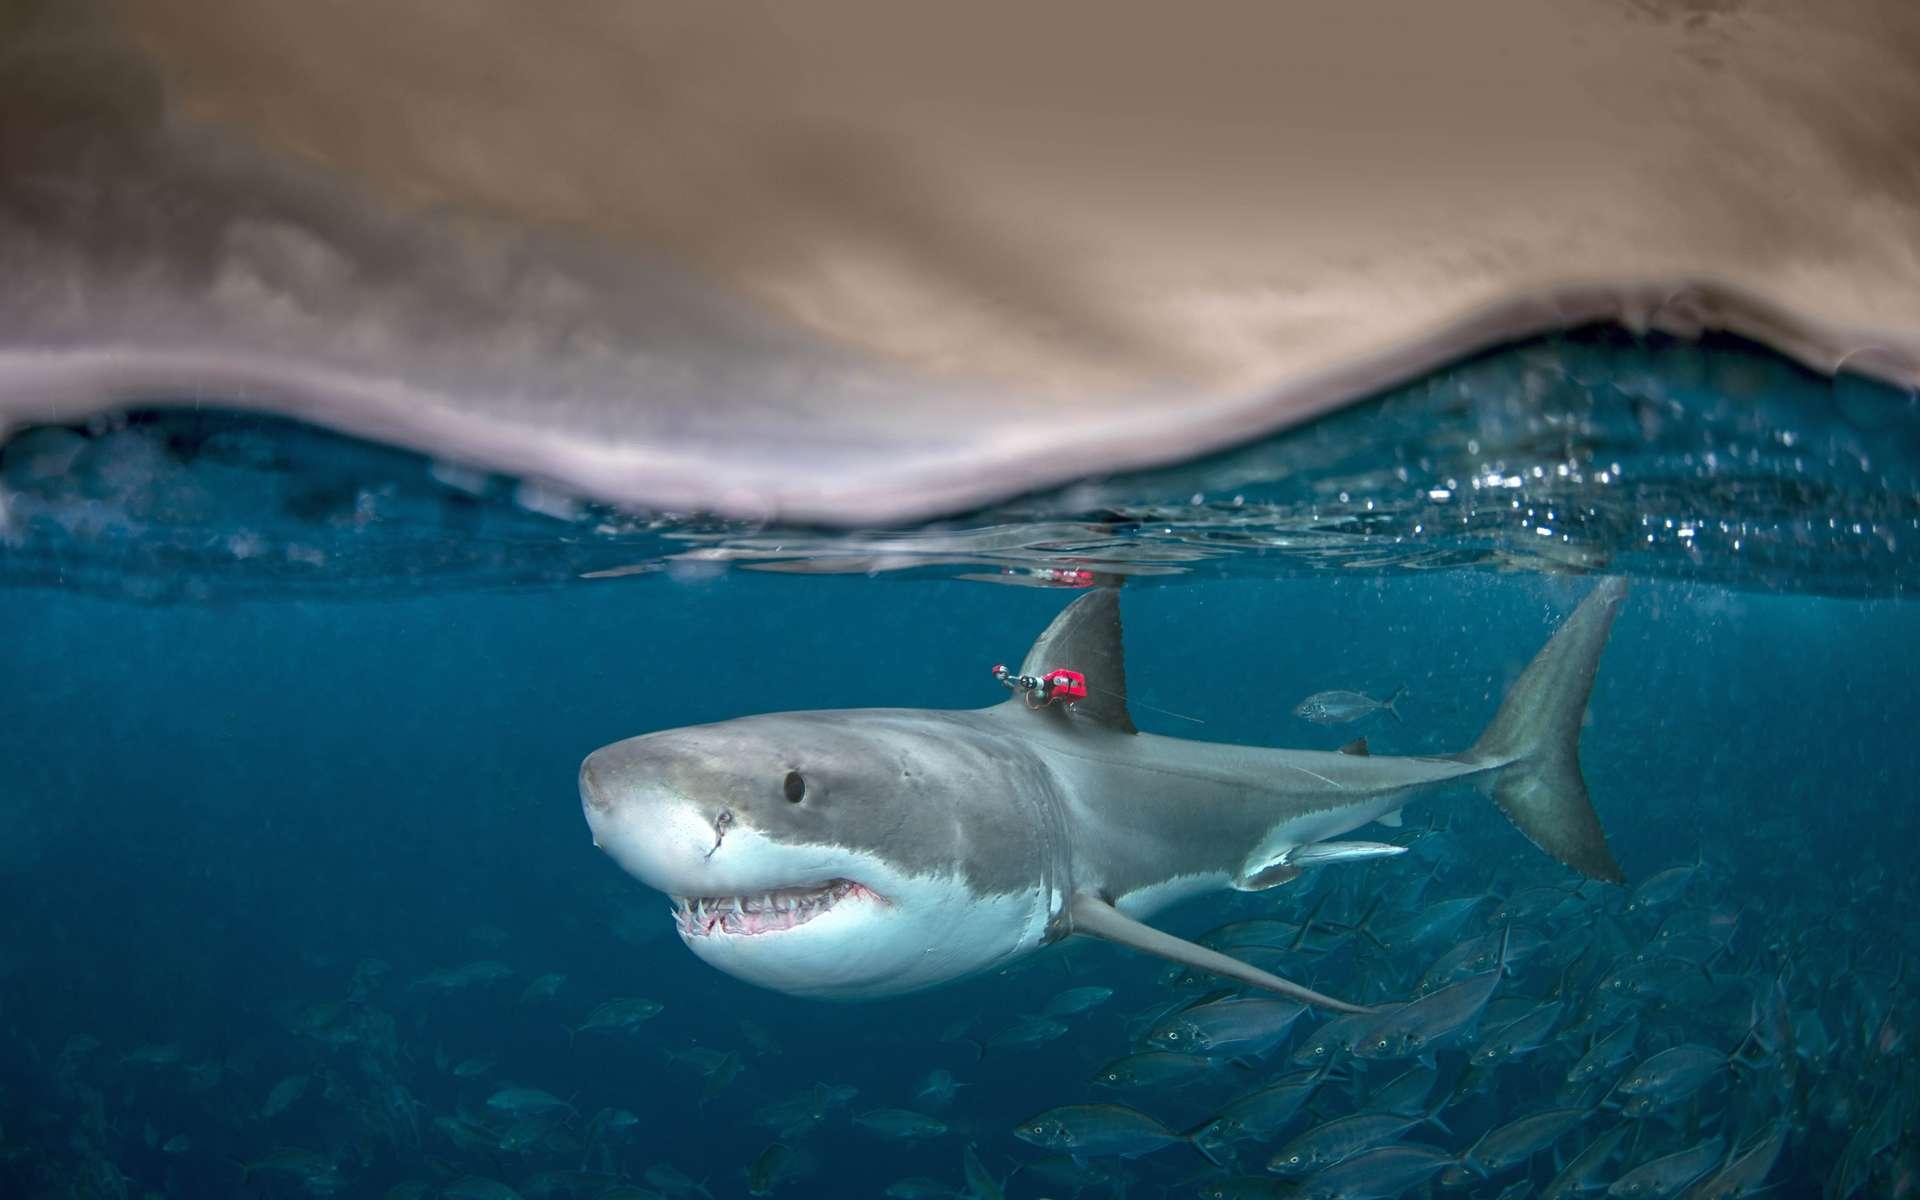 Le grand requin blanc est capable de produire de la chaleur pour contrôler sa température interne. © Andrew Fox